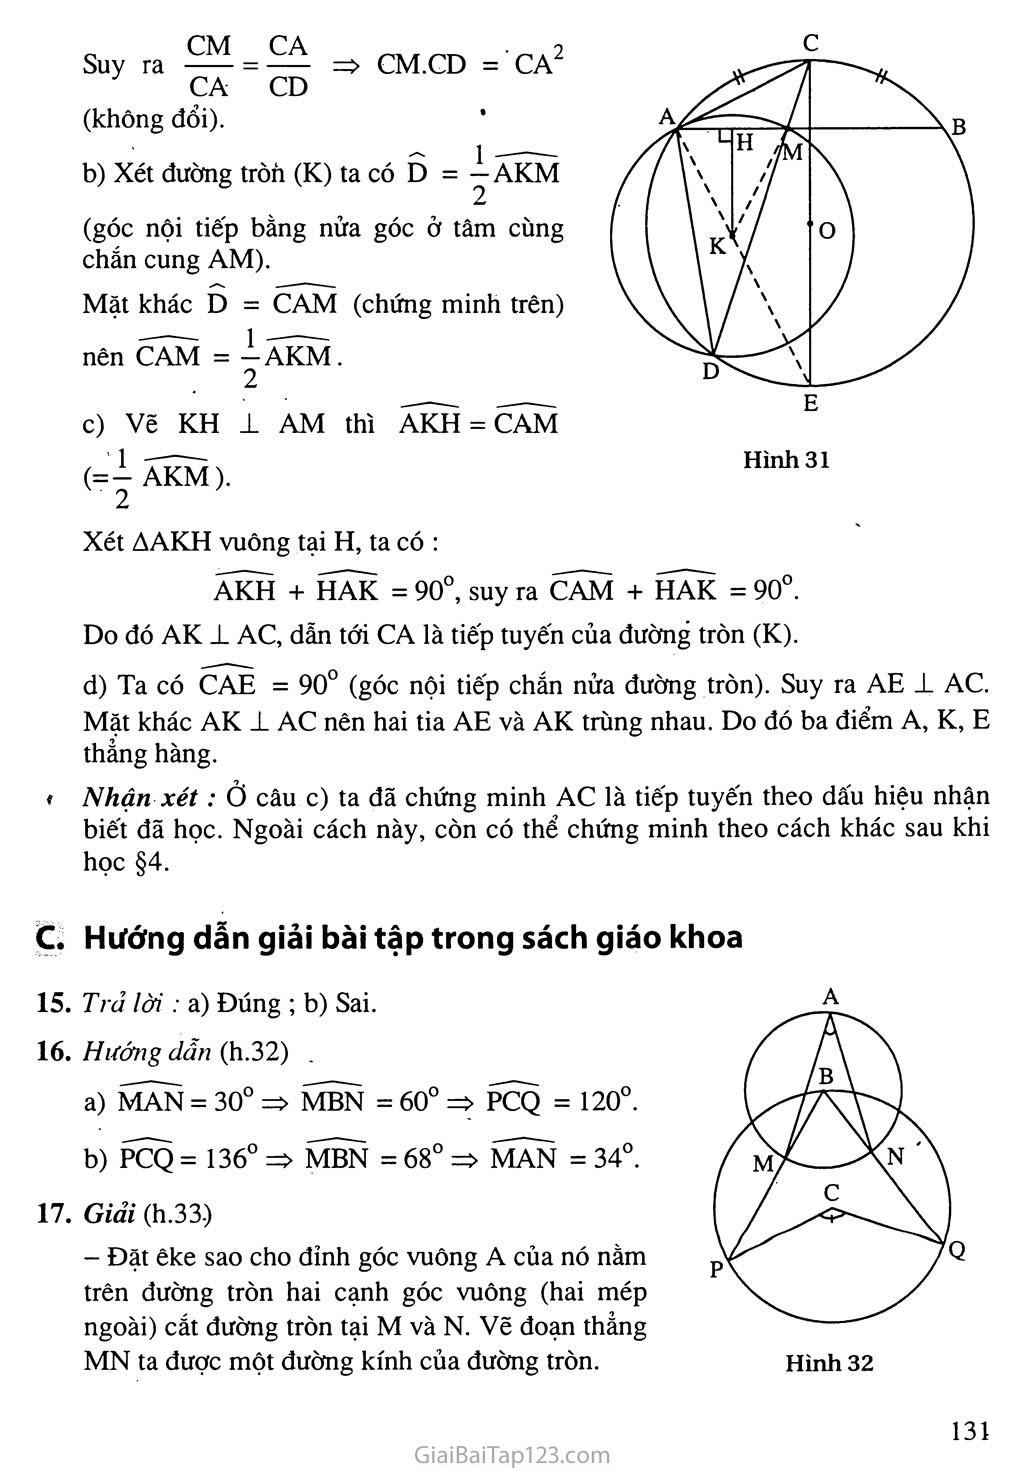 Bài 3. Góc nội tiếp trang 2